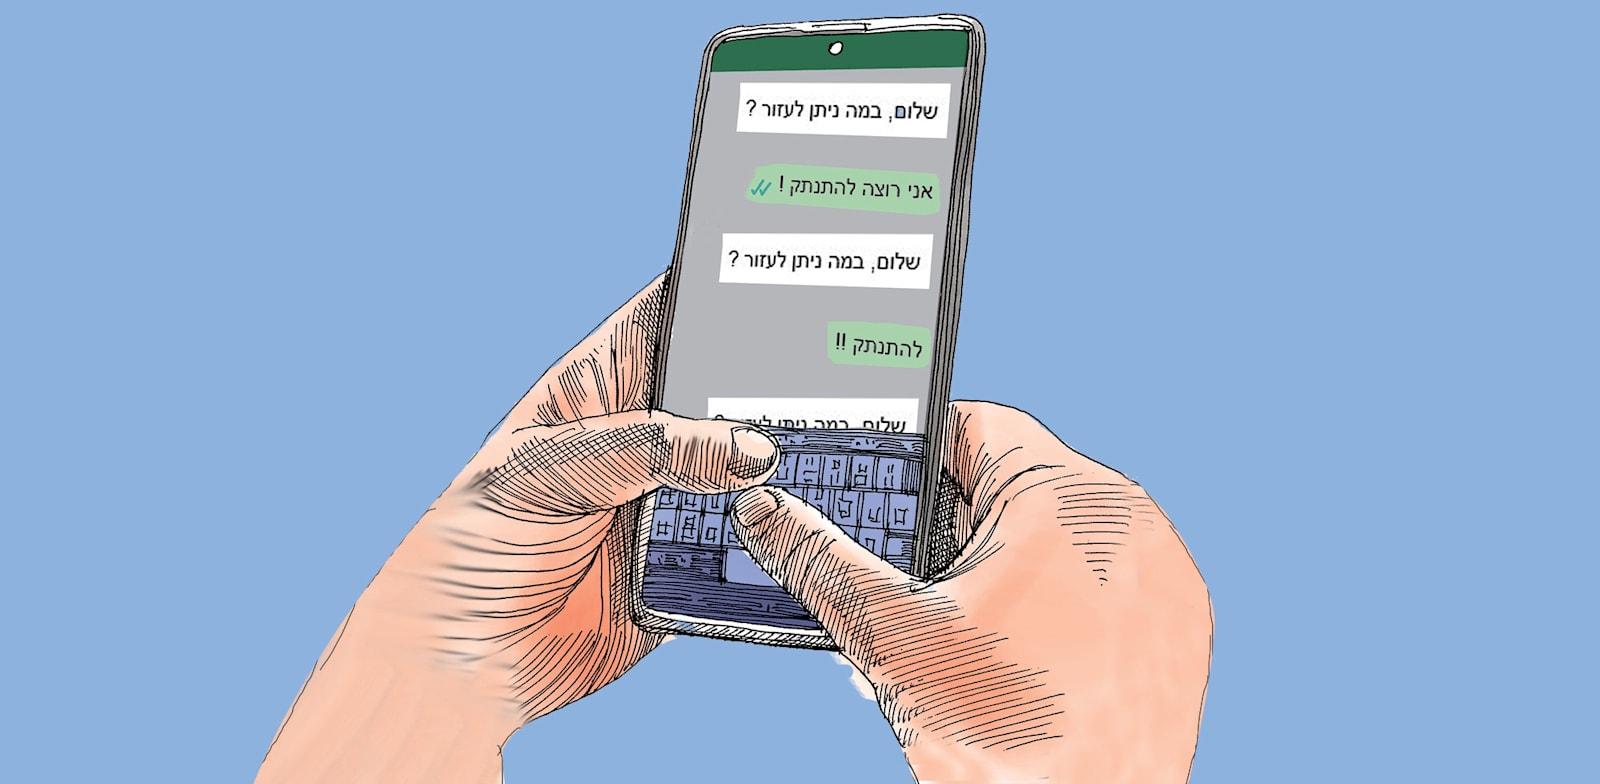 השירות הדיגיטלי עדיין תקוע מאחור / איור: גיל ג'יבלי